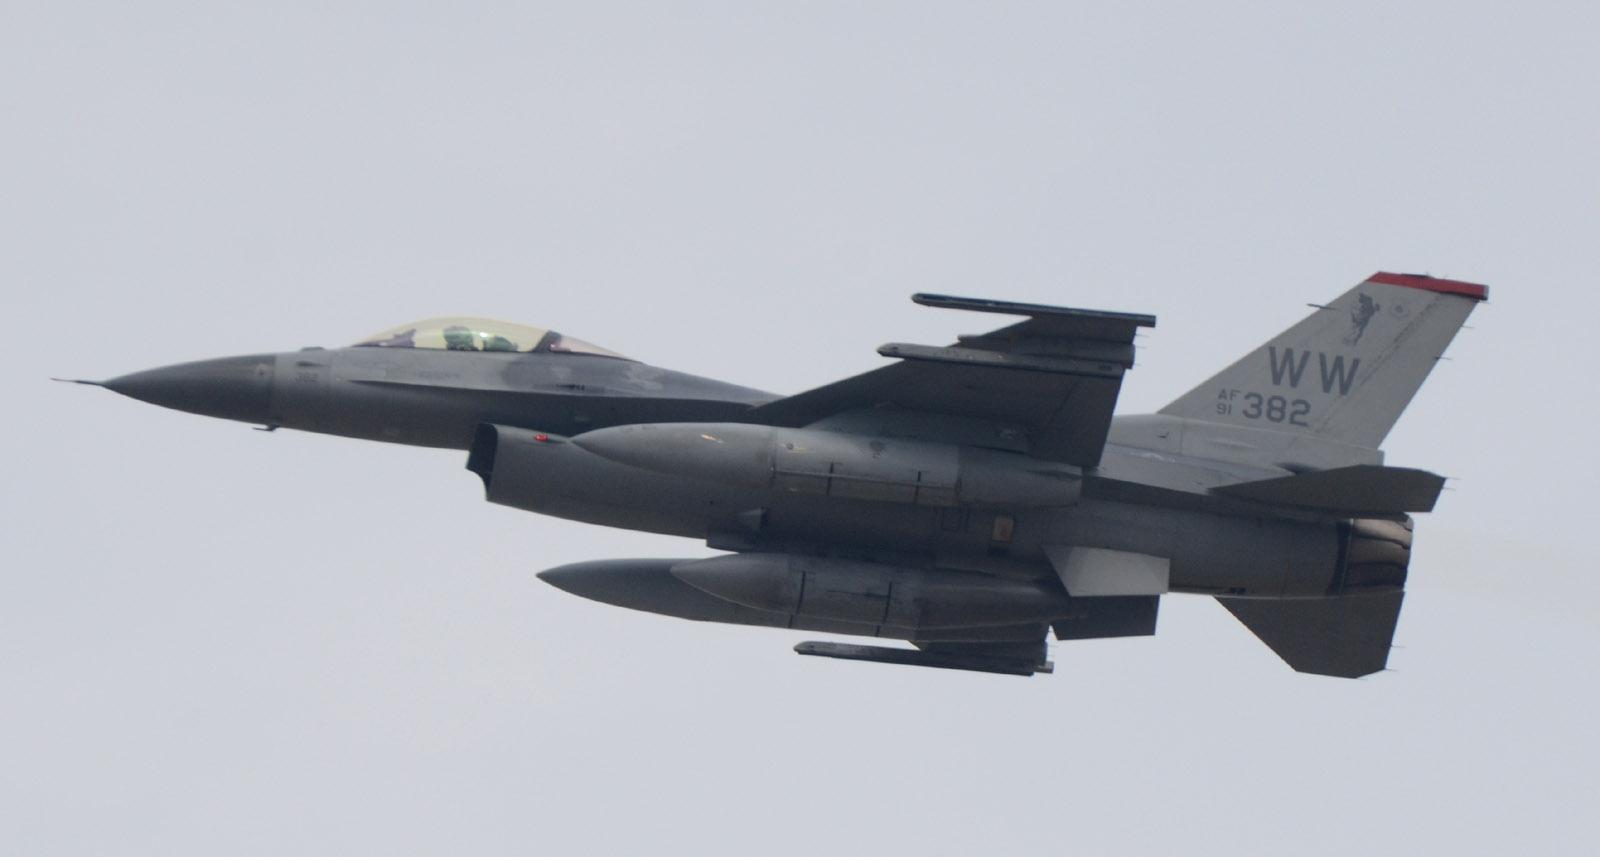 F16cm150401g845